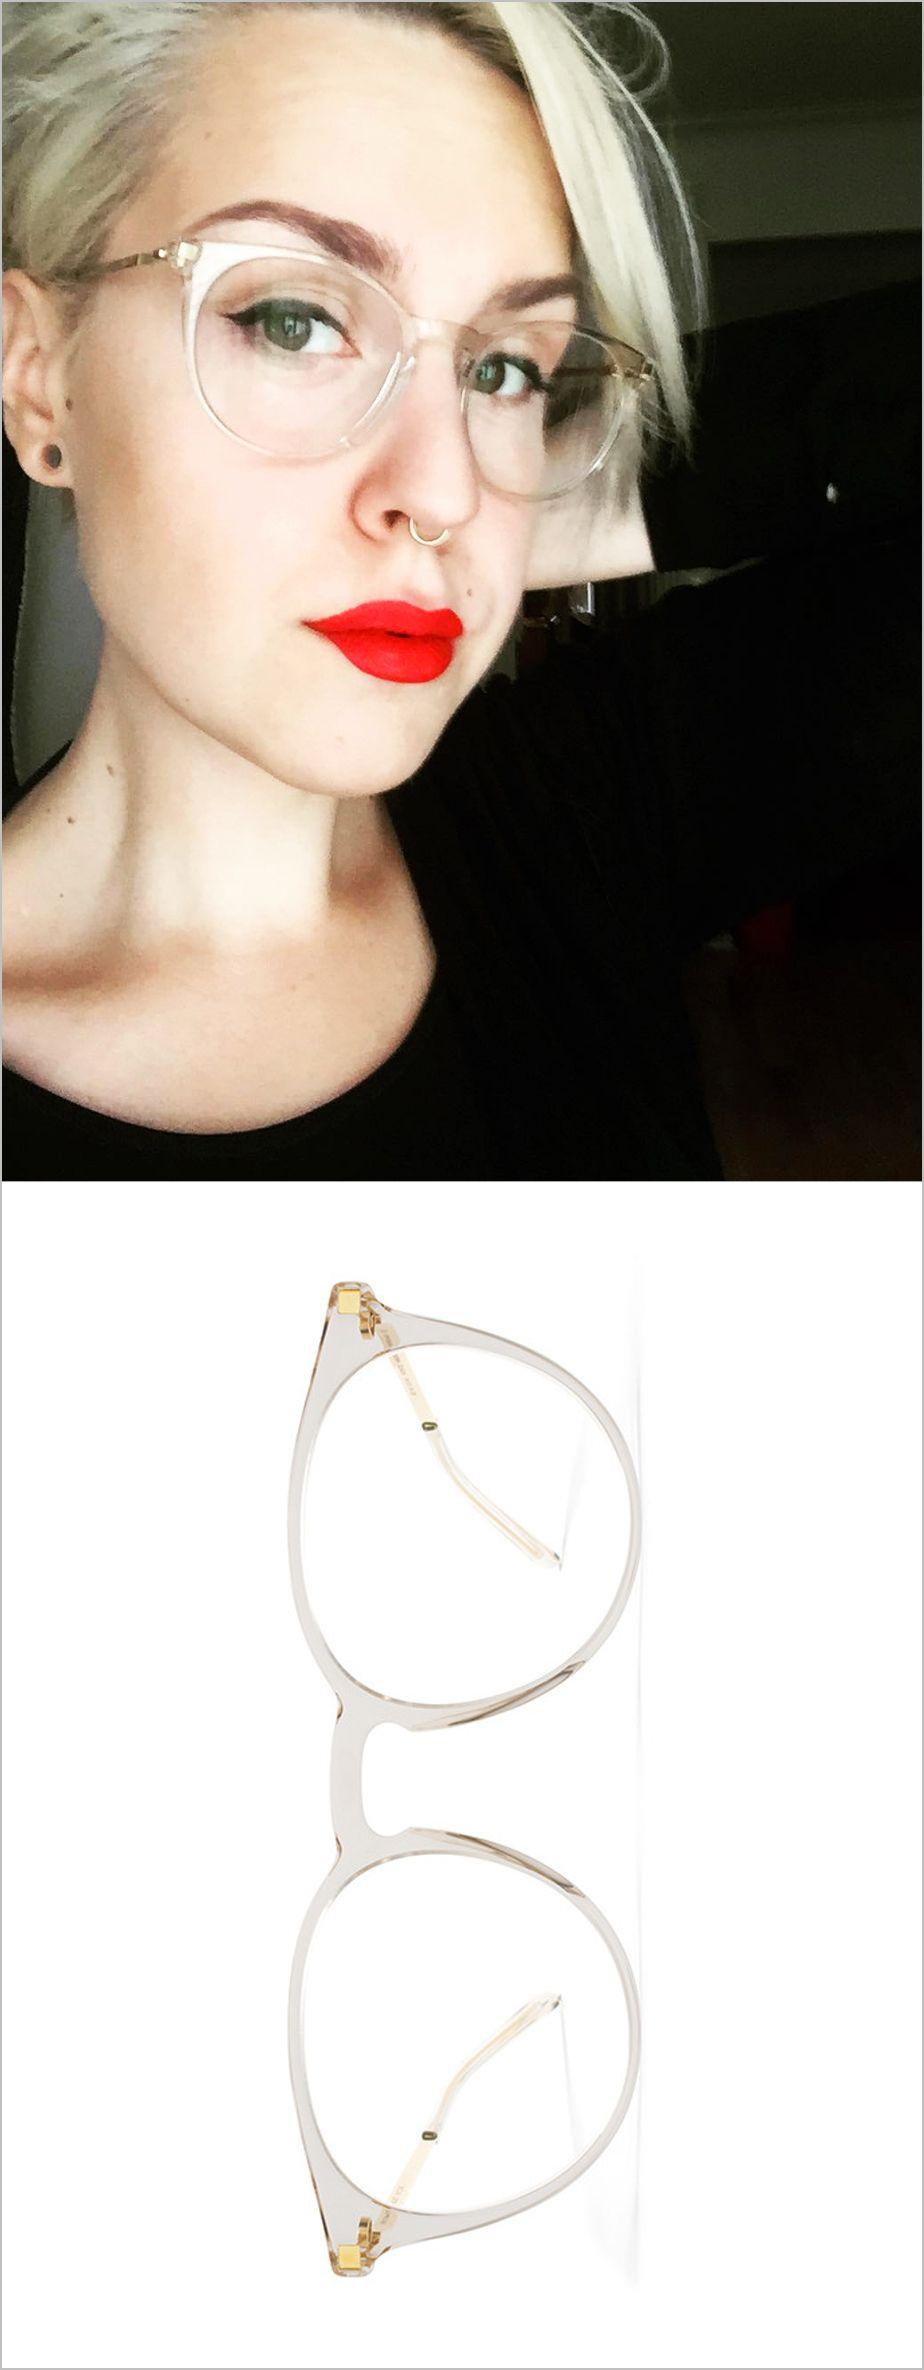 (IG) Jonnatiainen wearing her MYKITA round clear